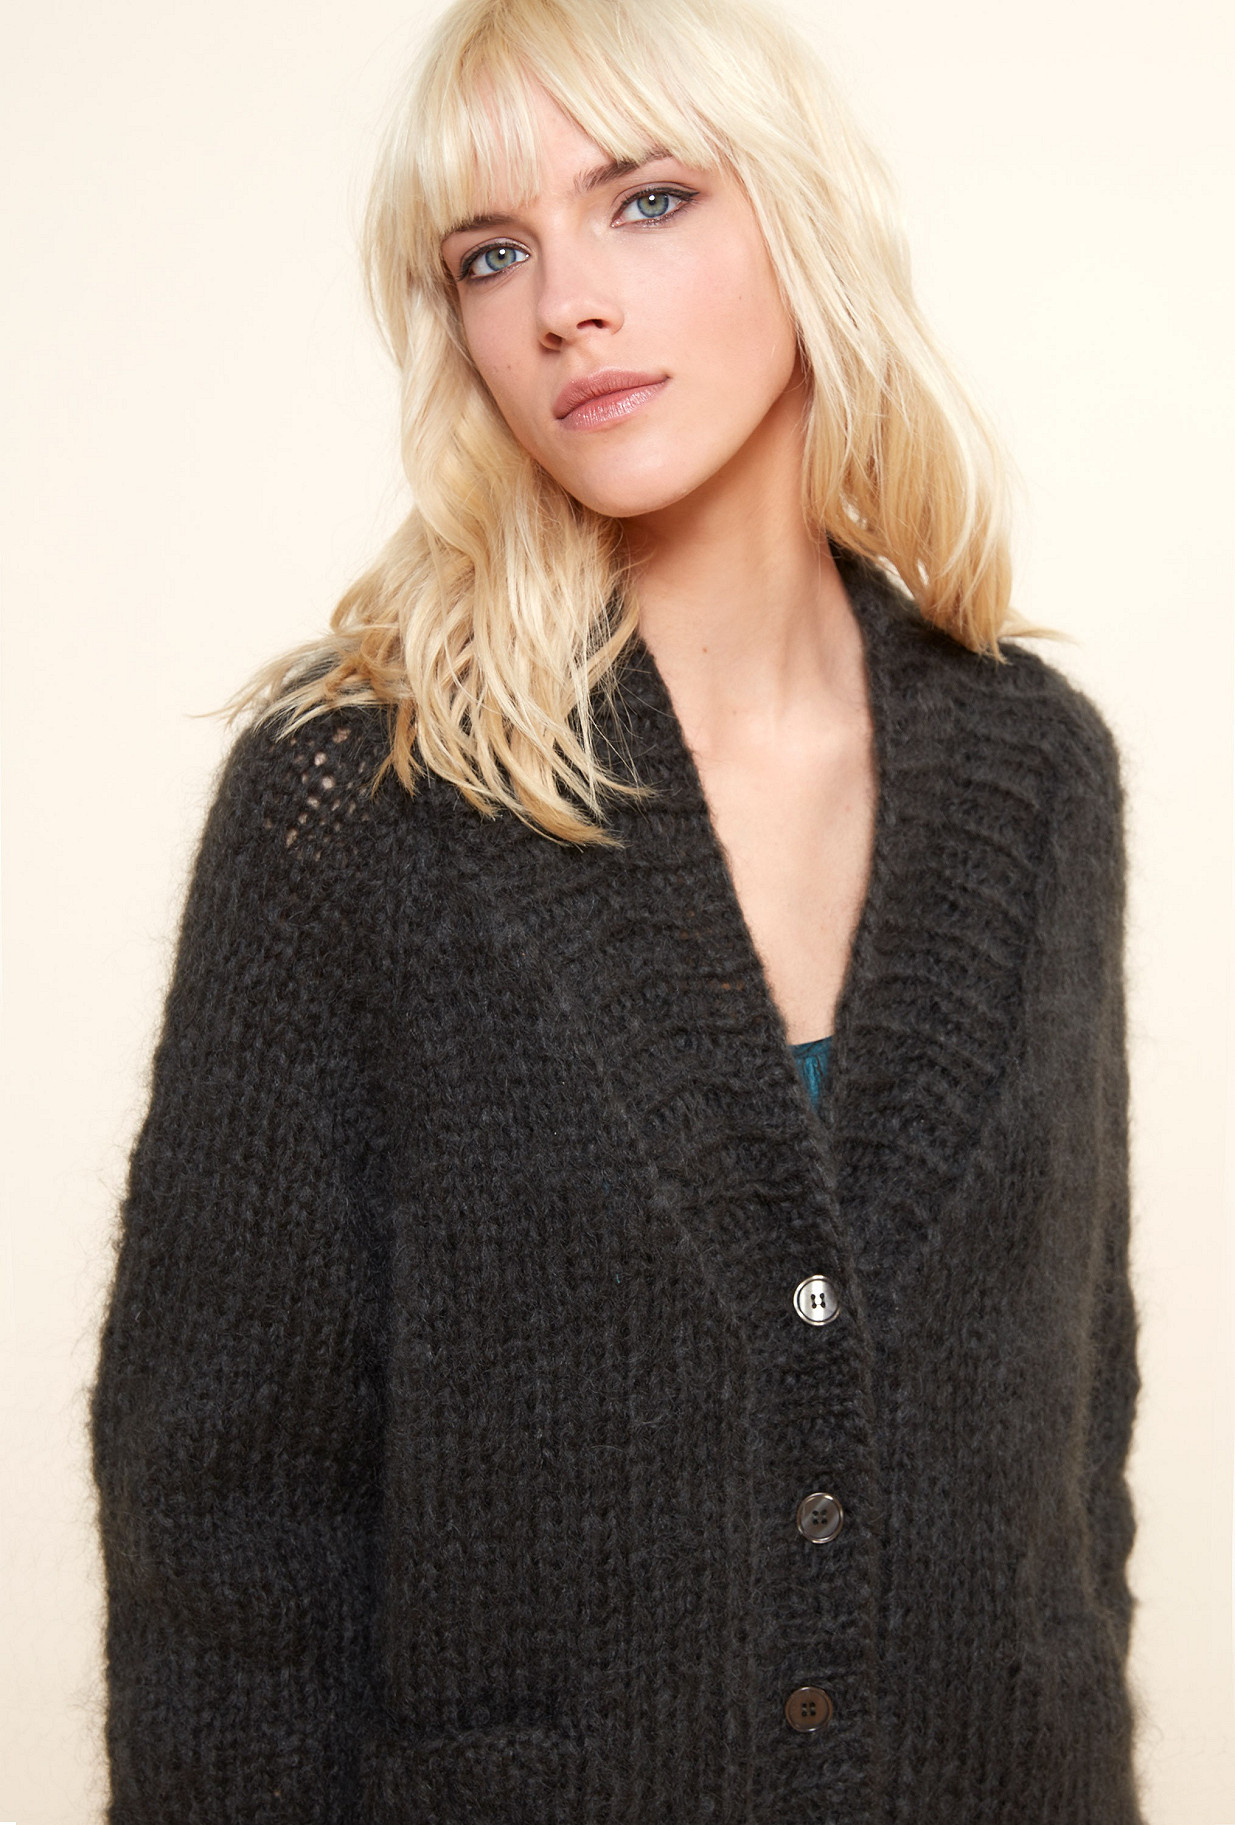 Paris boutique de mode vêtement Maille créateur bohème  Jecko